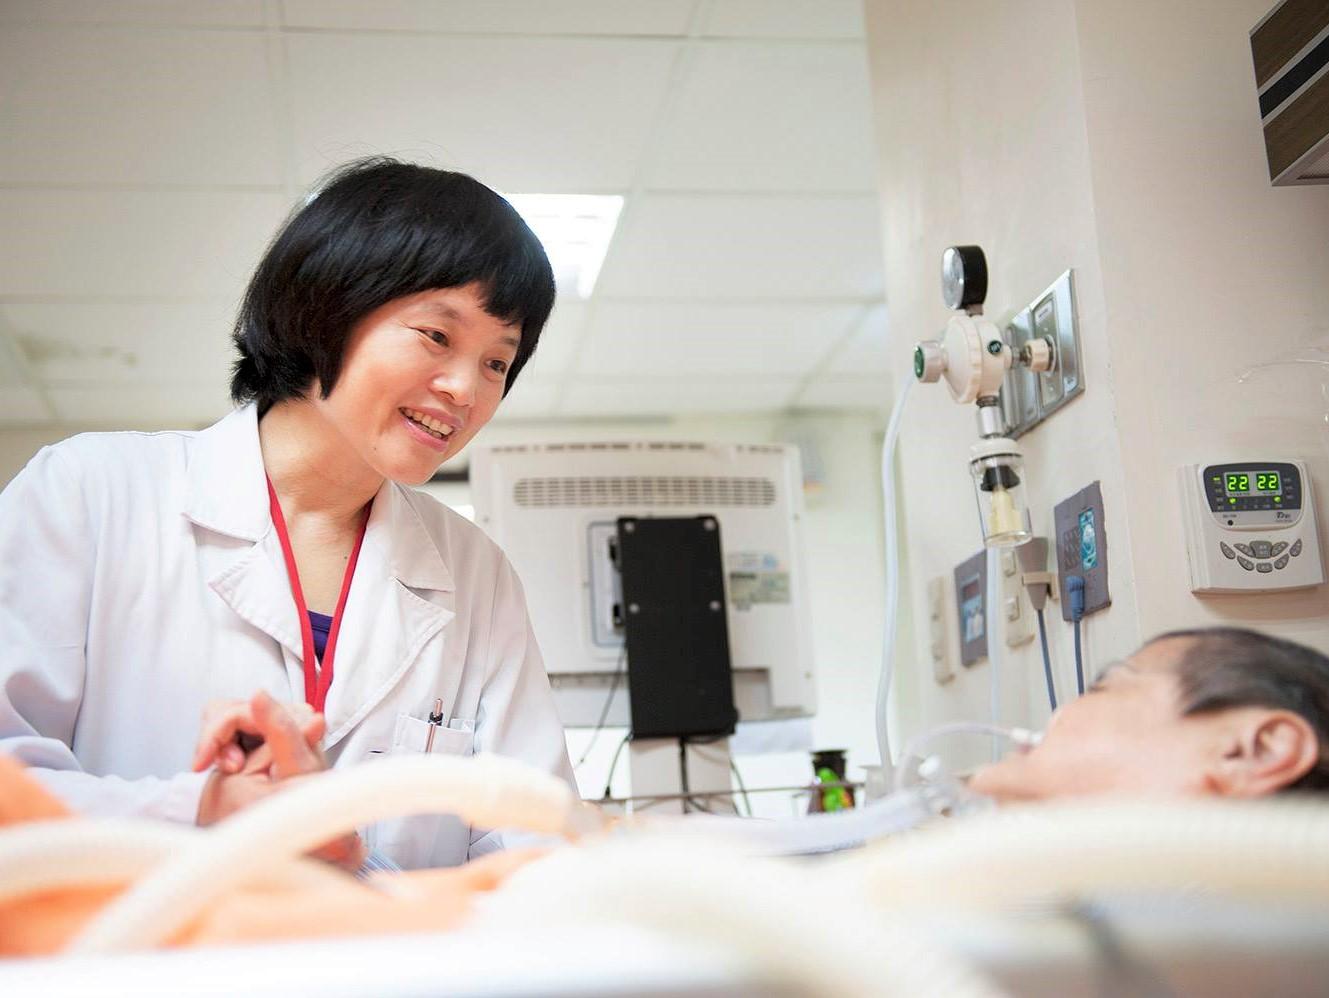 我是醫師,我不要被插鼻胃管 陳秀丹醫師:期盼十年後的台灣,沒有被捆綁的老人